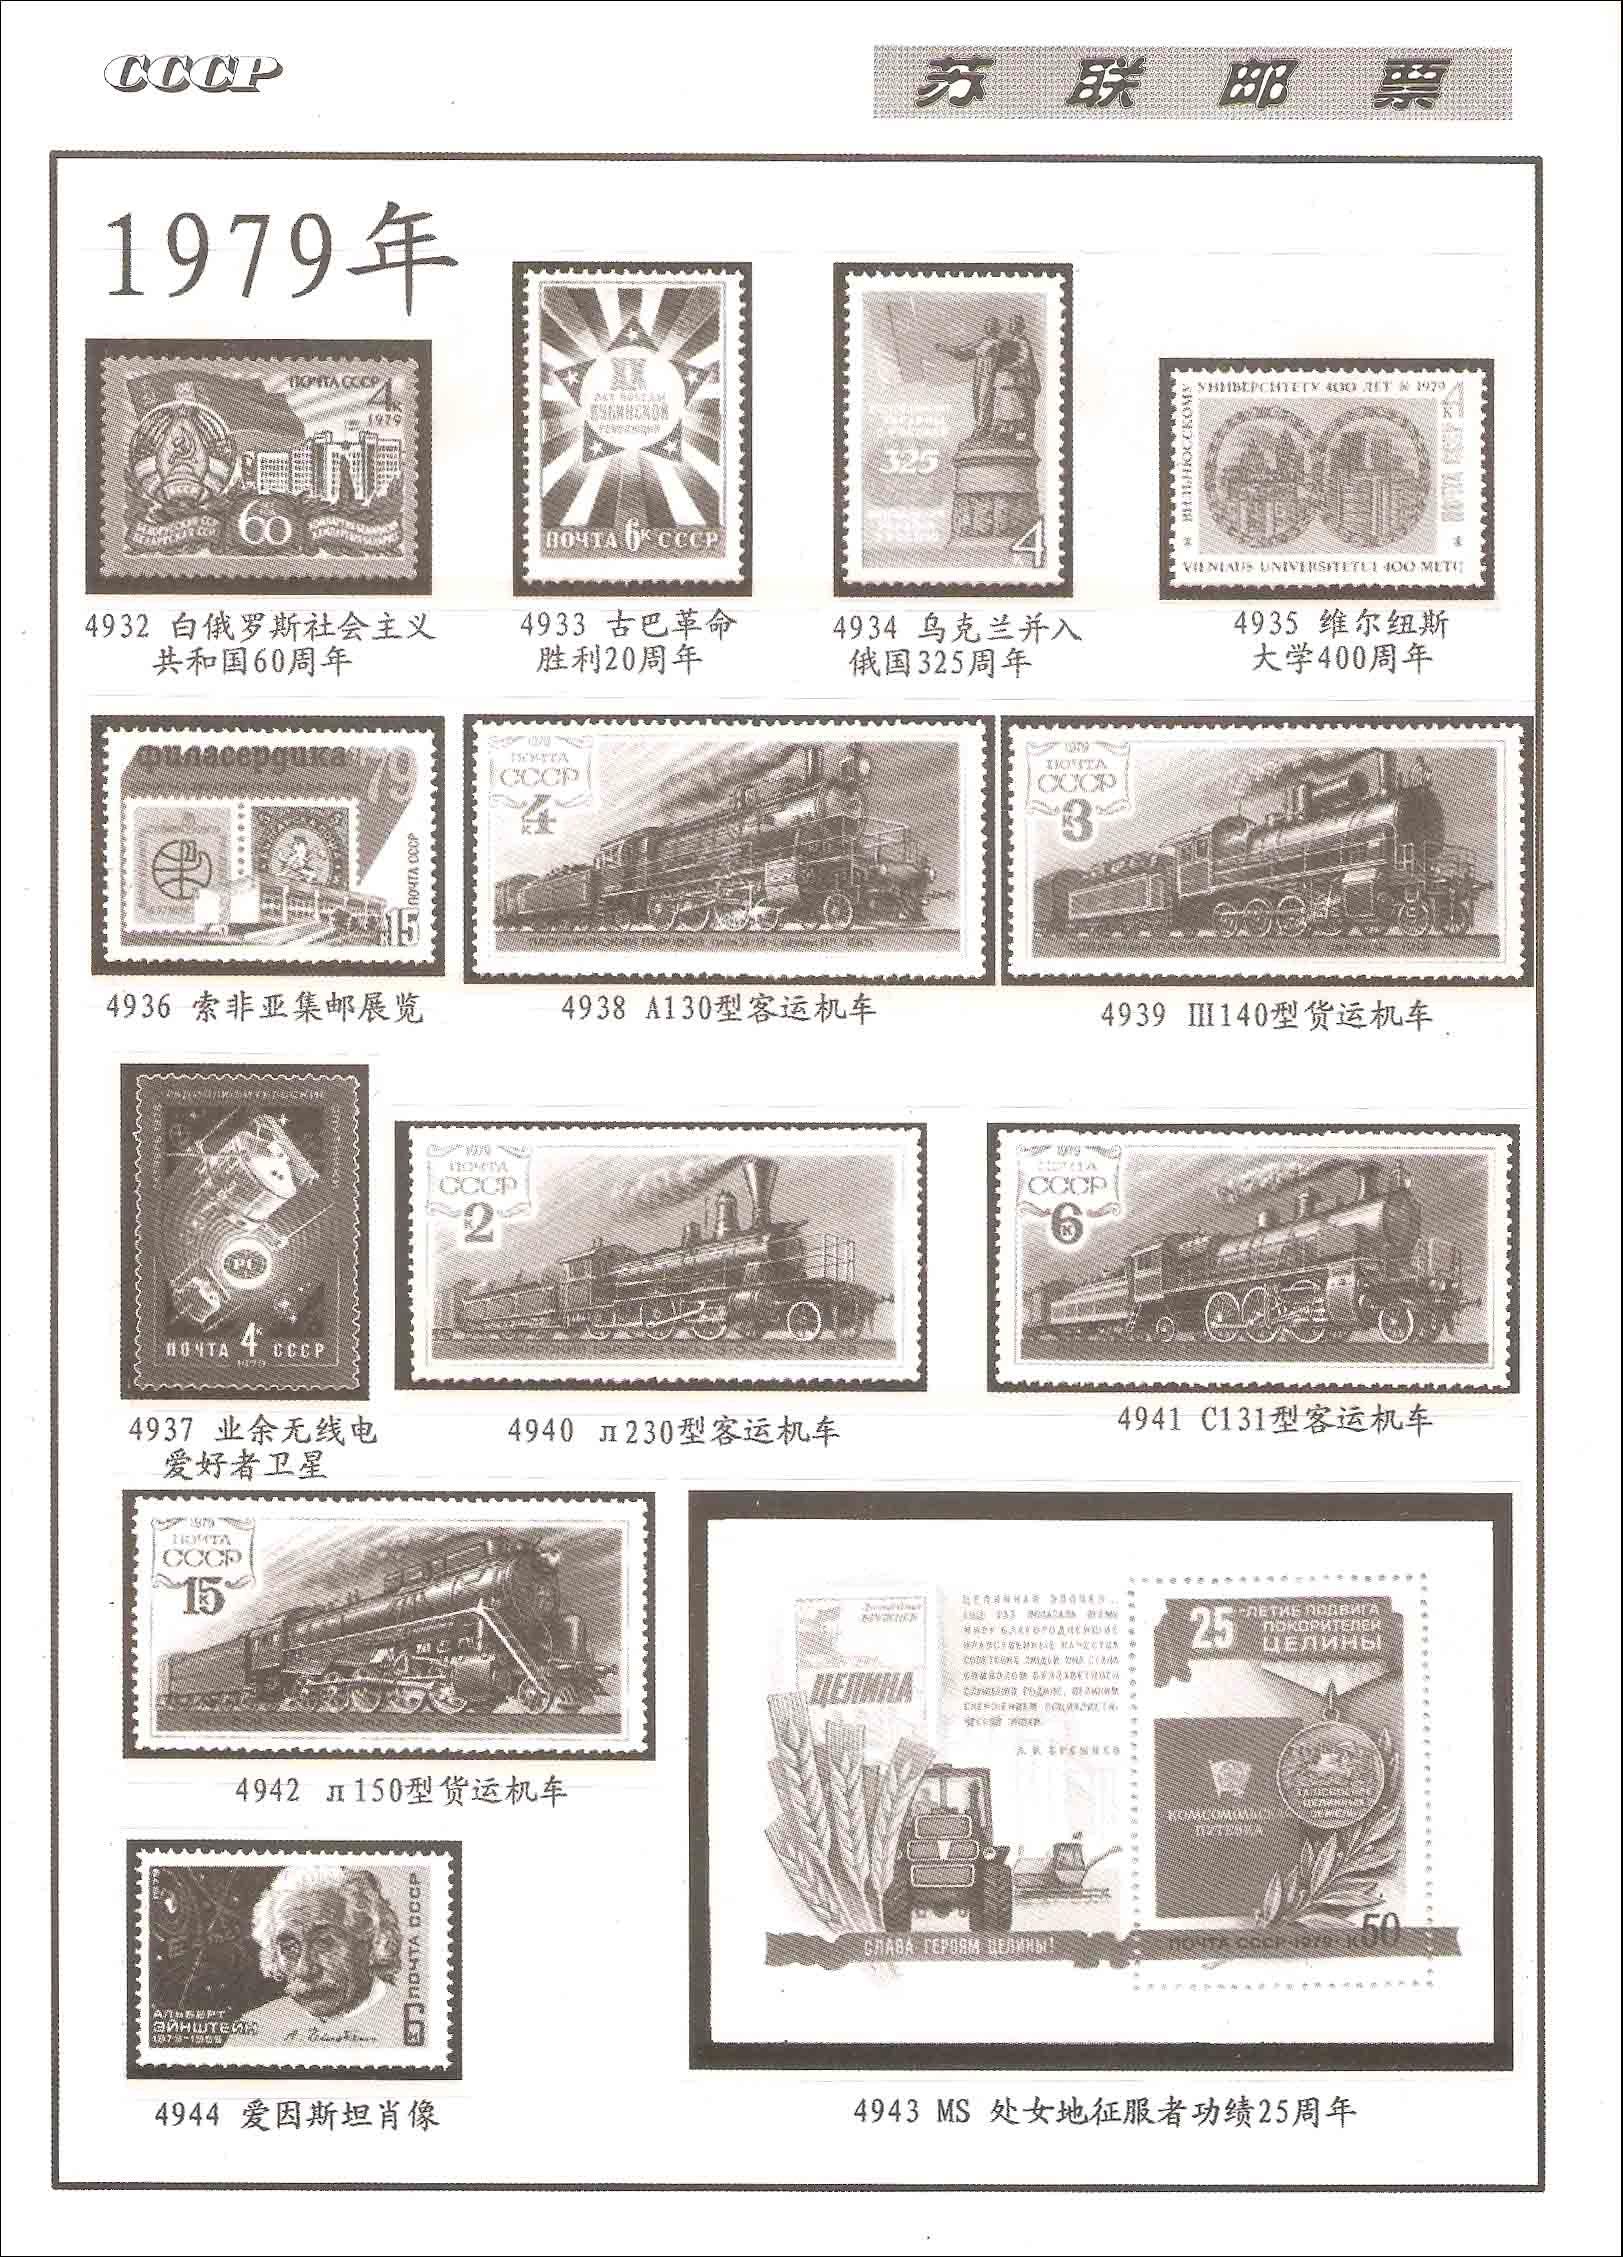 Провинция сучжоу присоединиться печать 1979 год провинция сучжоу присоединиться печать с отрывными листами расположение книга ( в целом 8 страница )